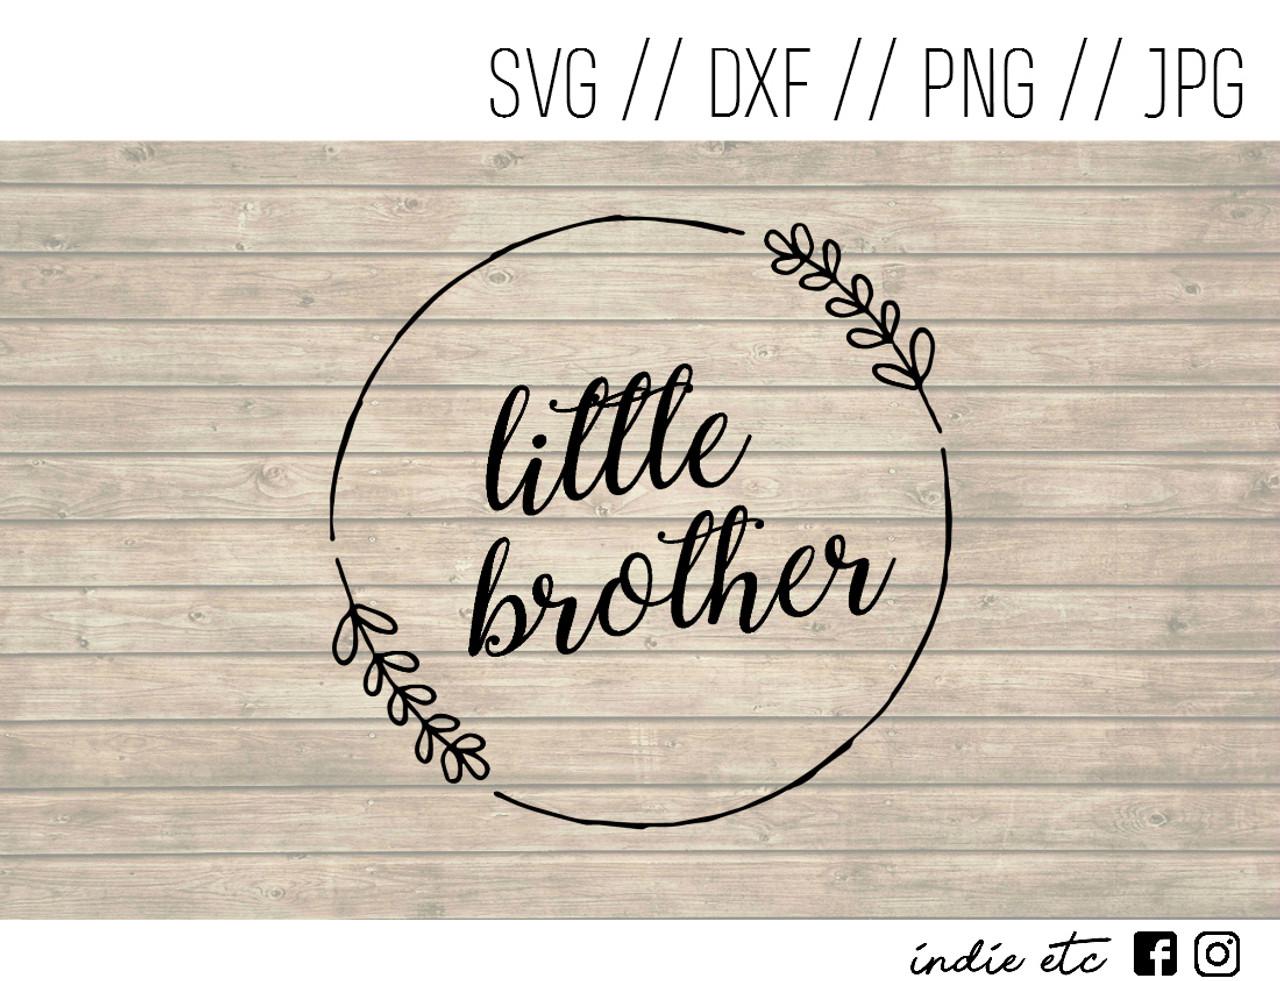 Little Brother Digital Art File Svg Dxf Png Jpeg